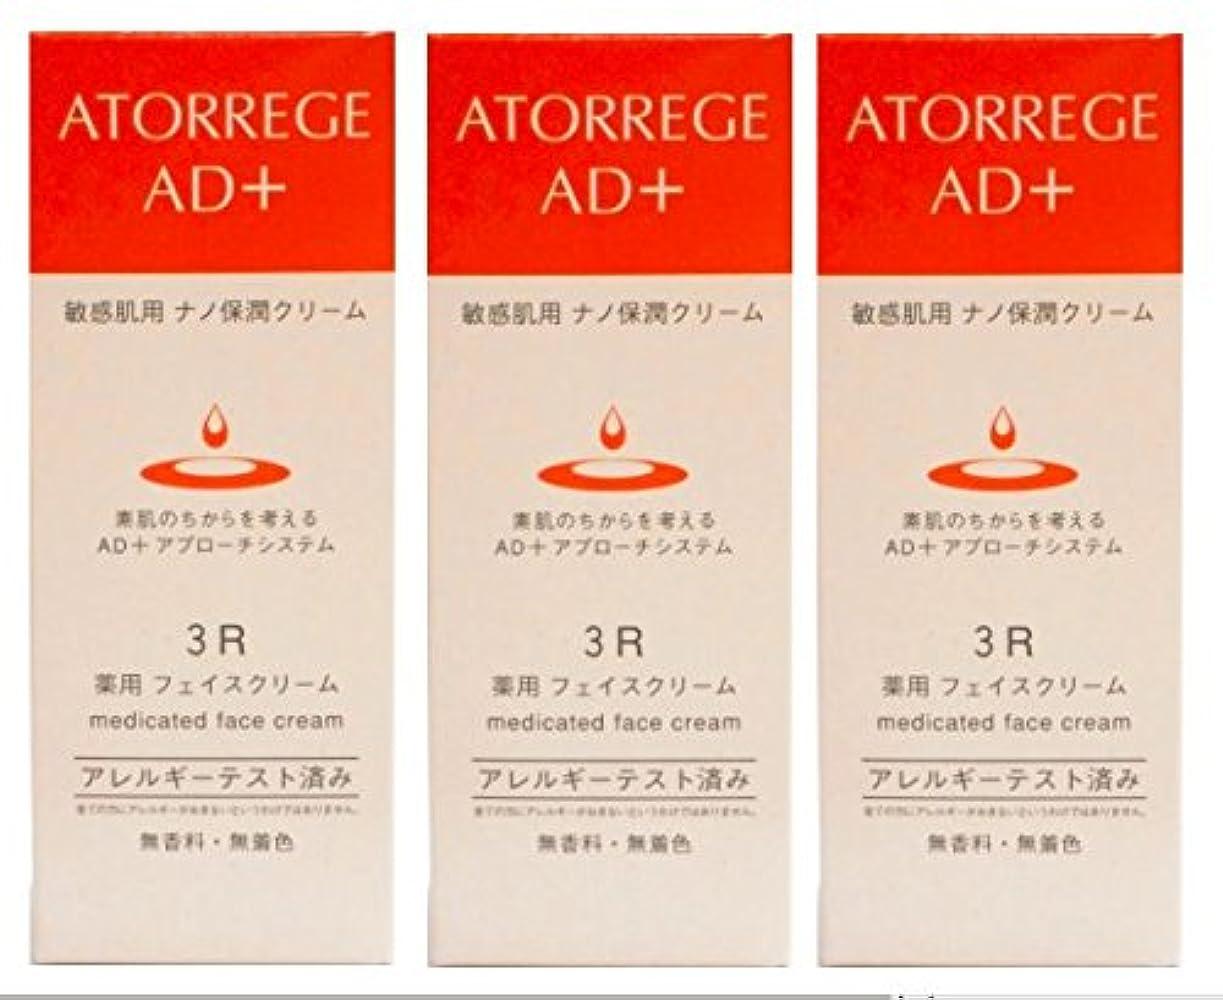 タンパク質孤児一貫性のない(お買い得3本セット)アトレージュ AD+薬用フェイスクリーム 35g(敏感肌用クリーム)(医薬部外品)